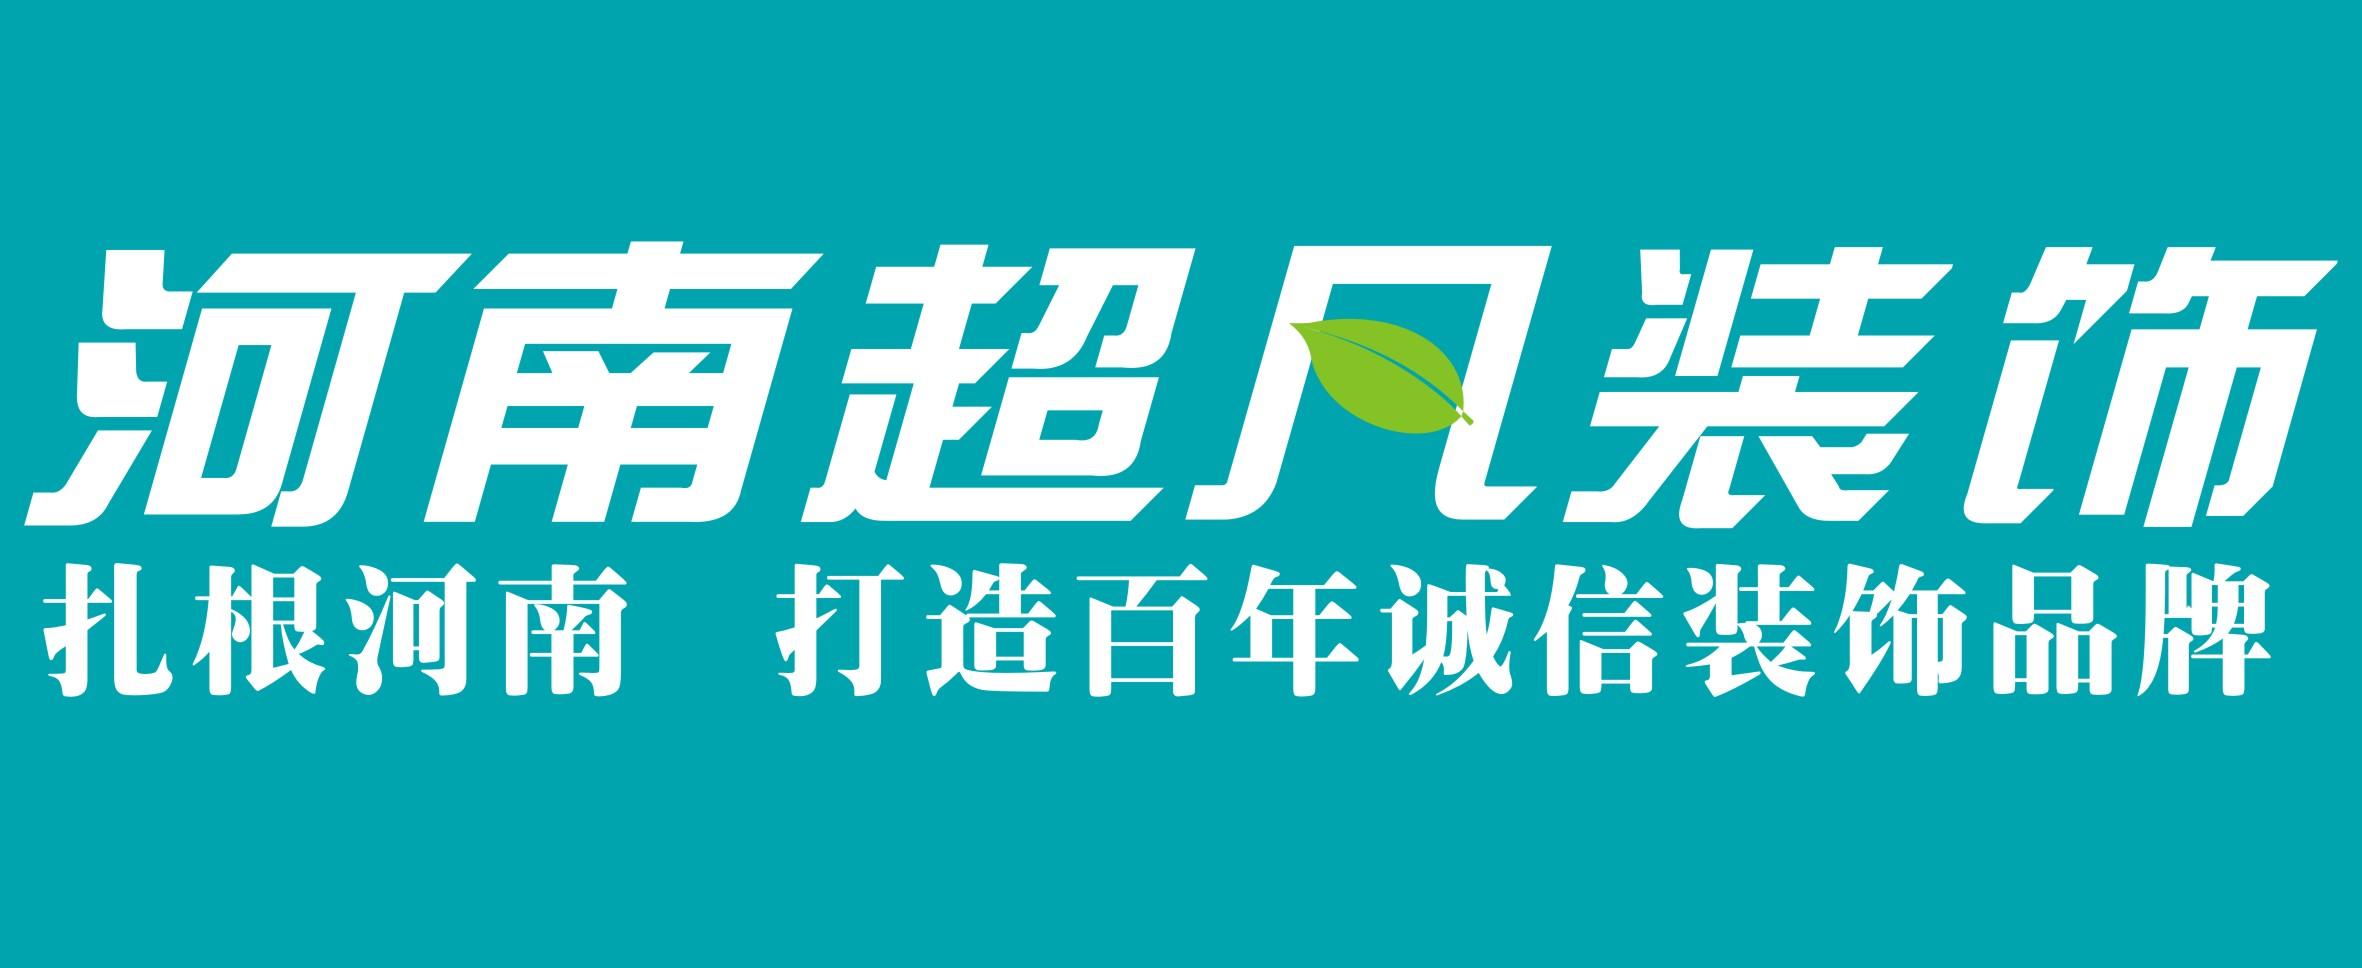 河南超凡装饰设计工程有限公司